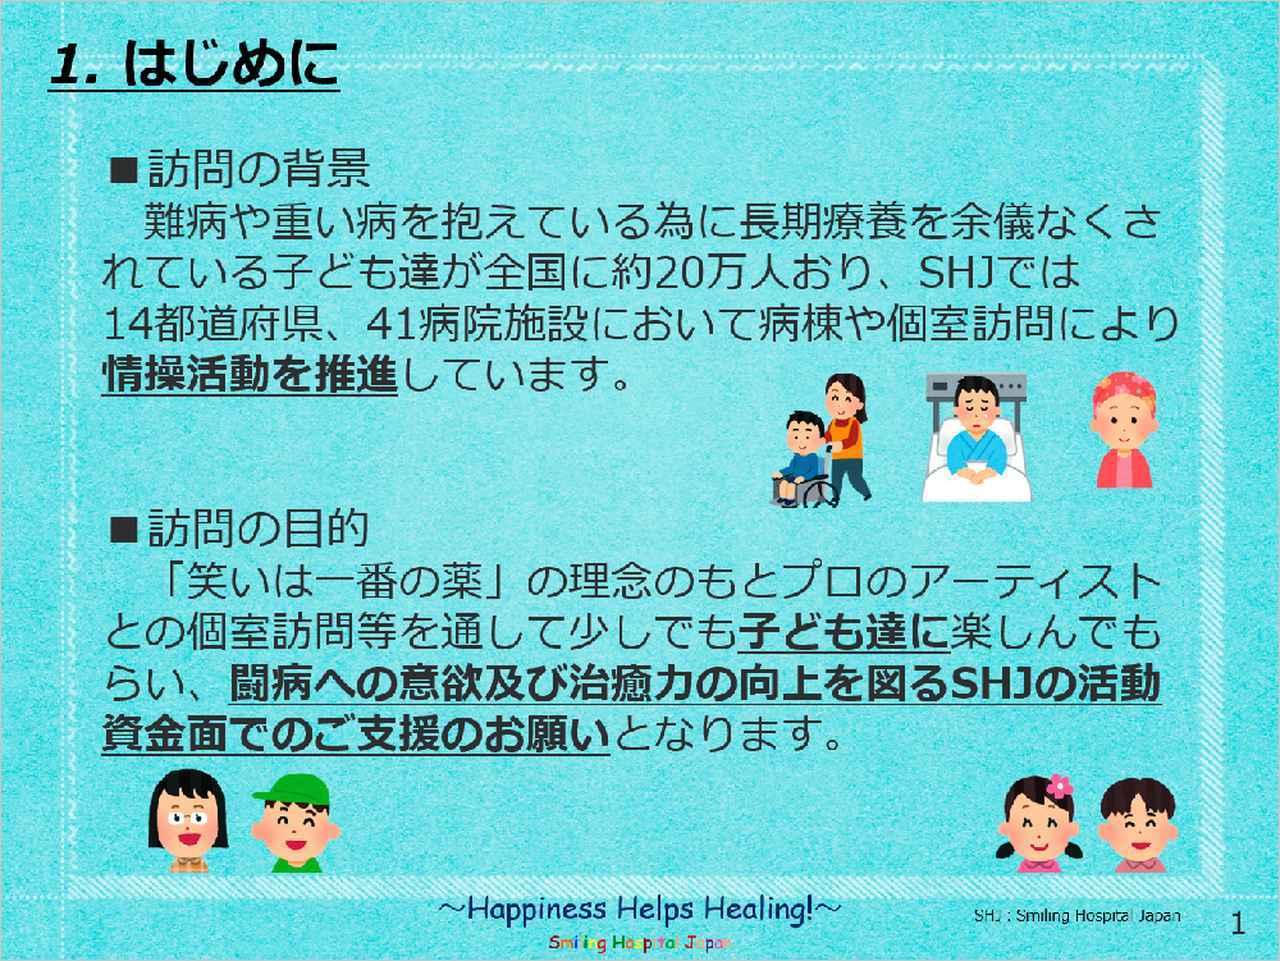 画像: 瀬戸山たちがプロボノで作成した、スマイリングホスピタルジャパンの営業資料の1ページ目。